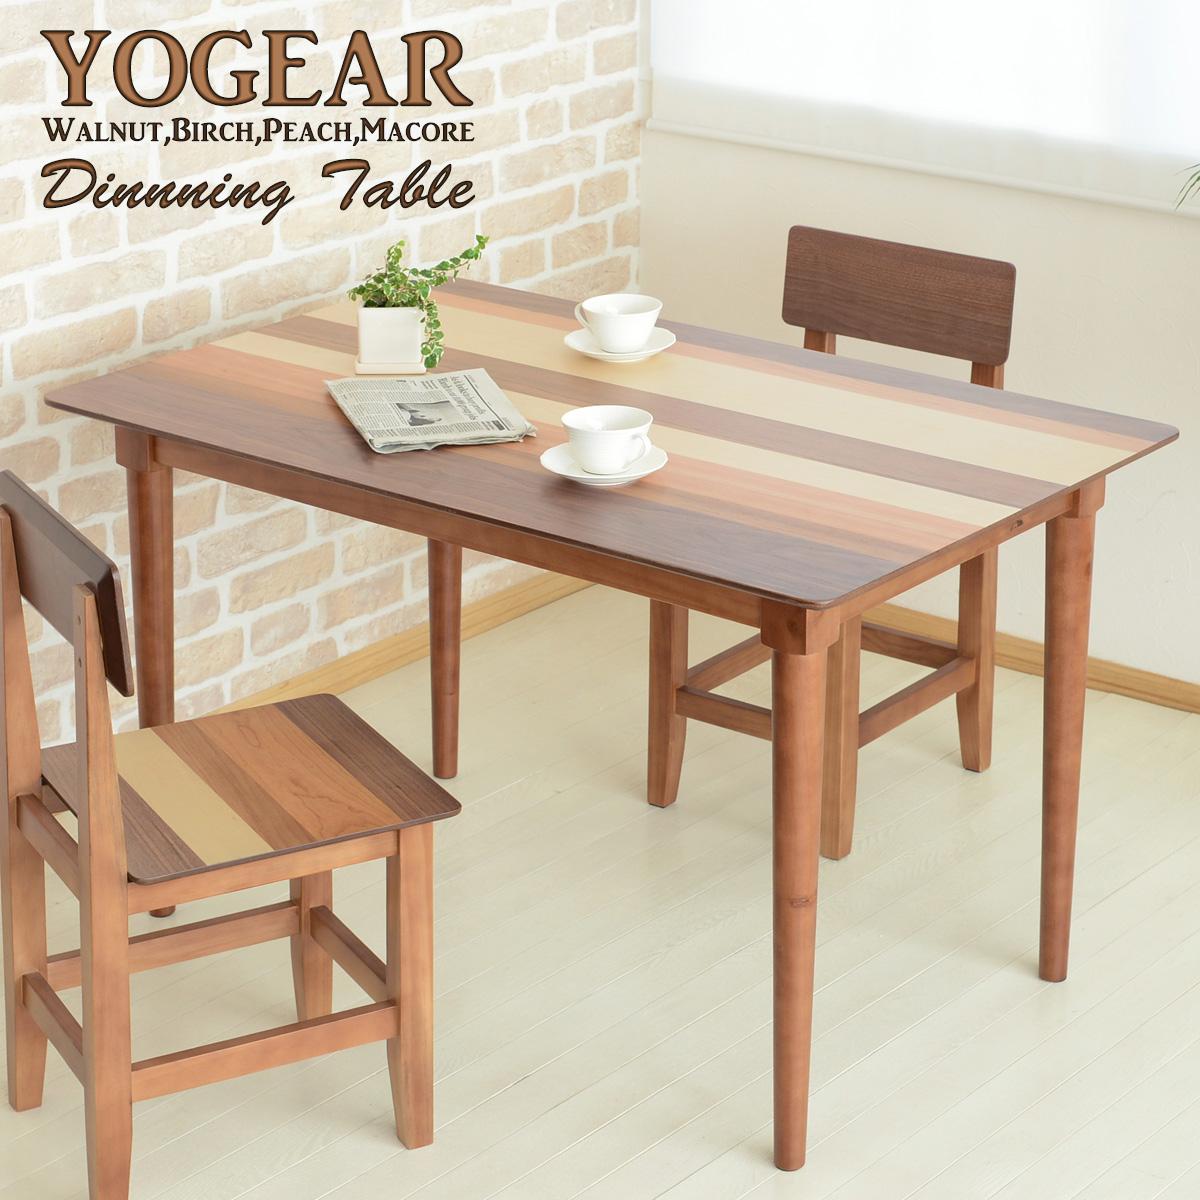 YOGEAR ダイニングテーブル